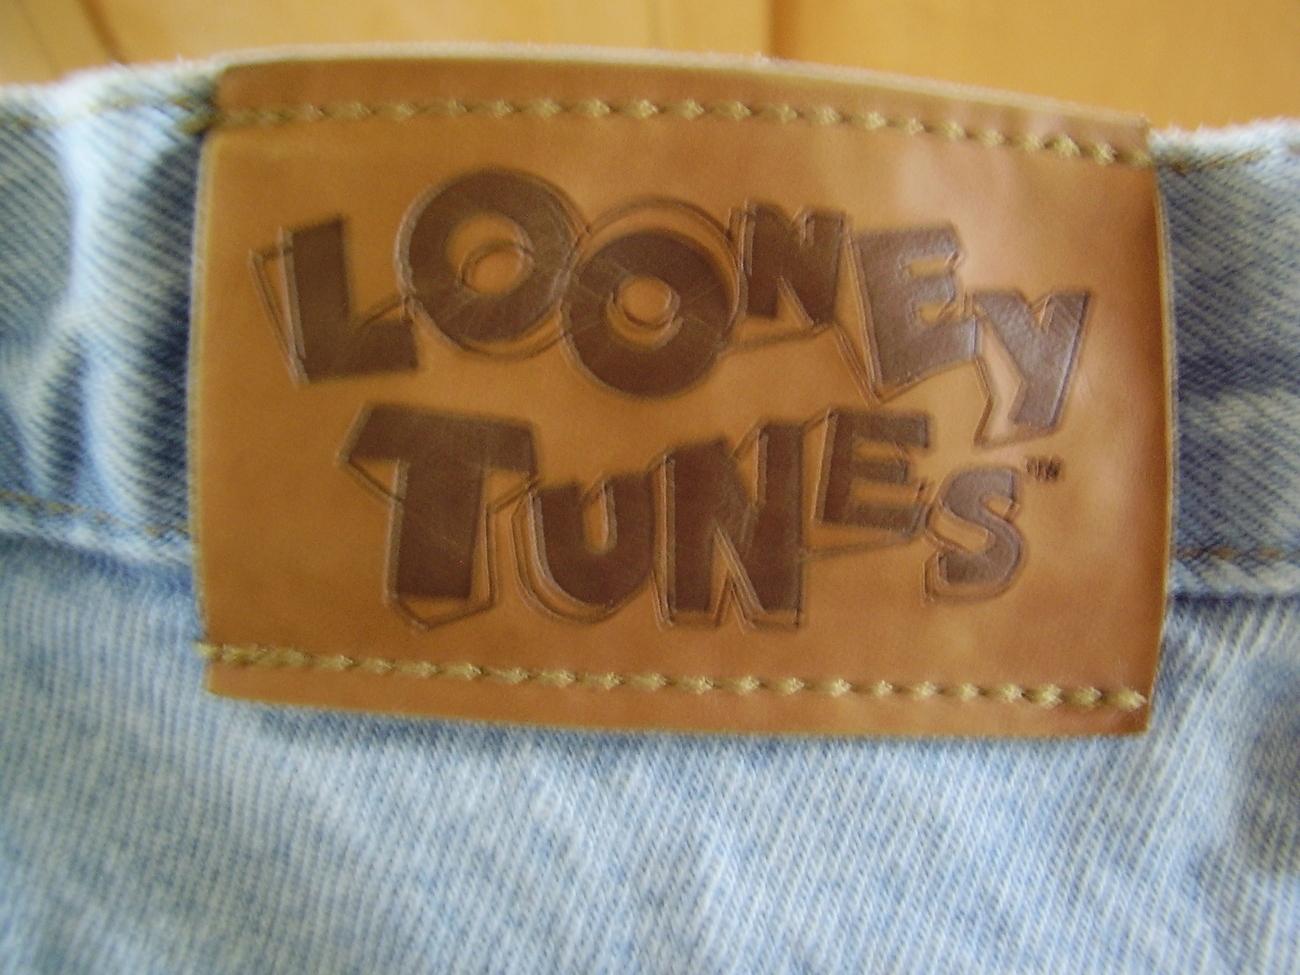 Vintage - Looney Tunes Space Jam Jeans image 5